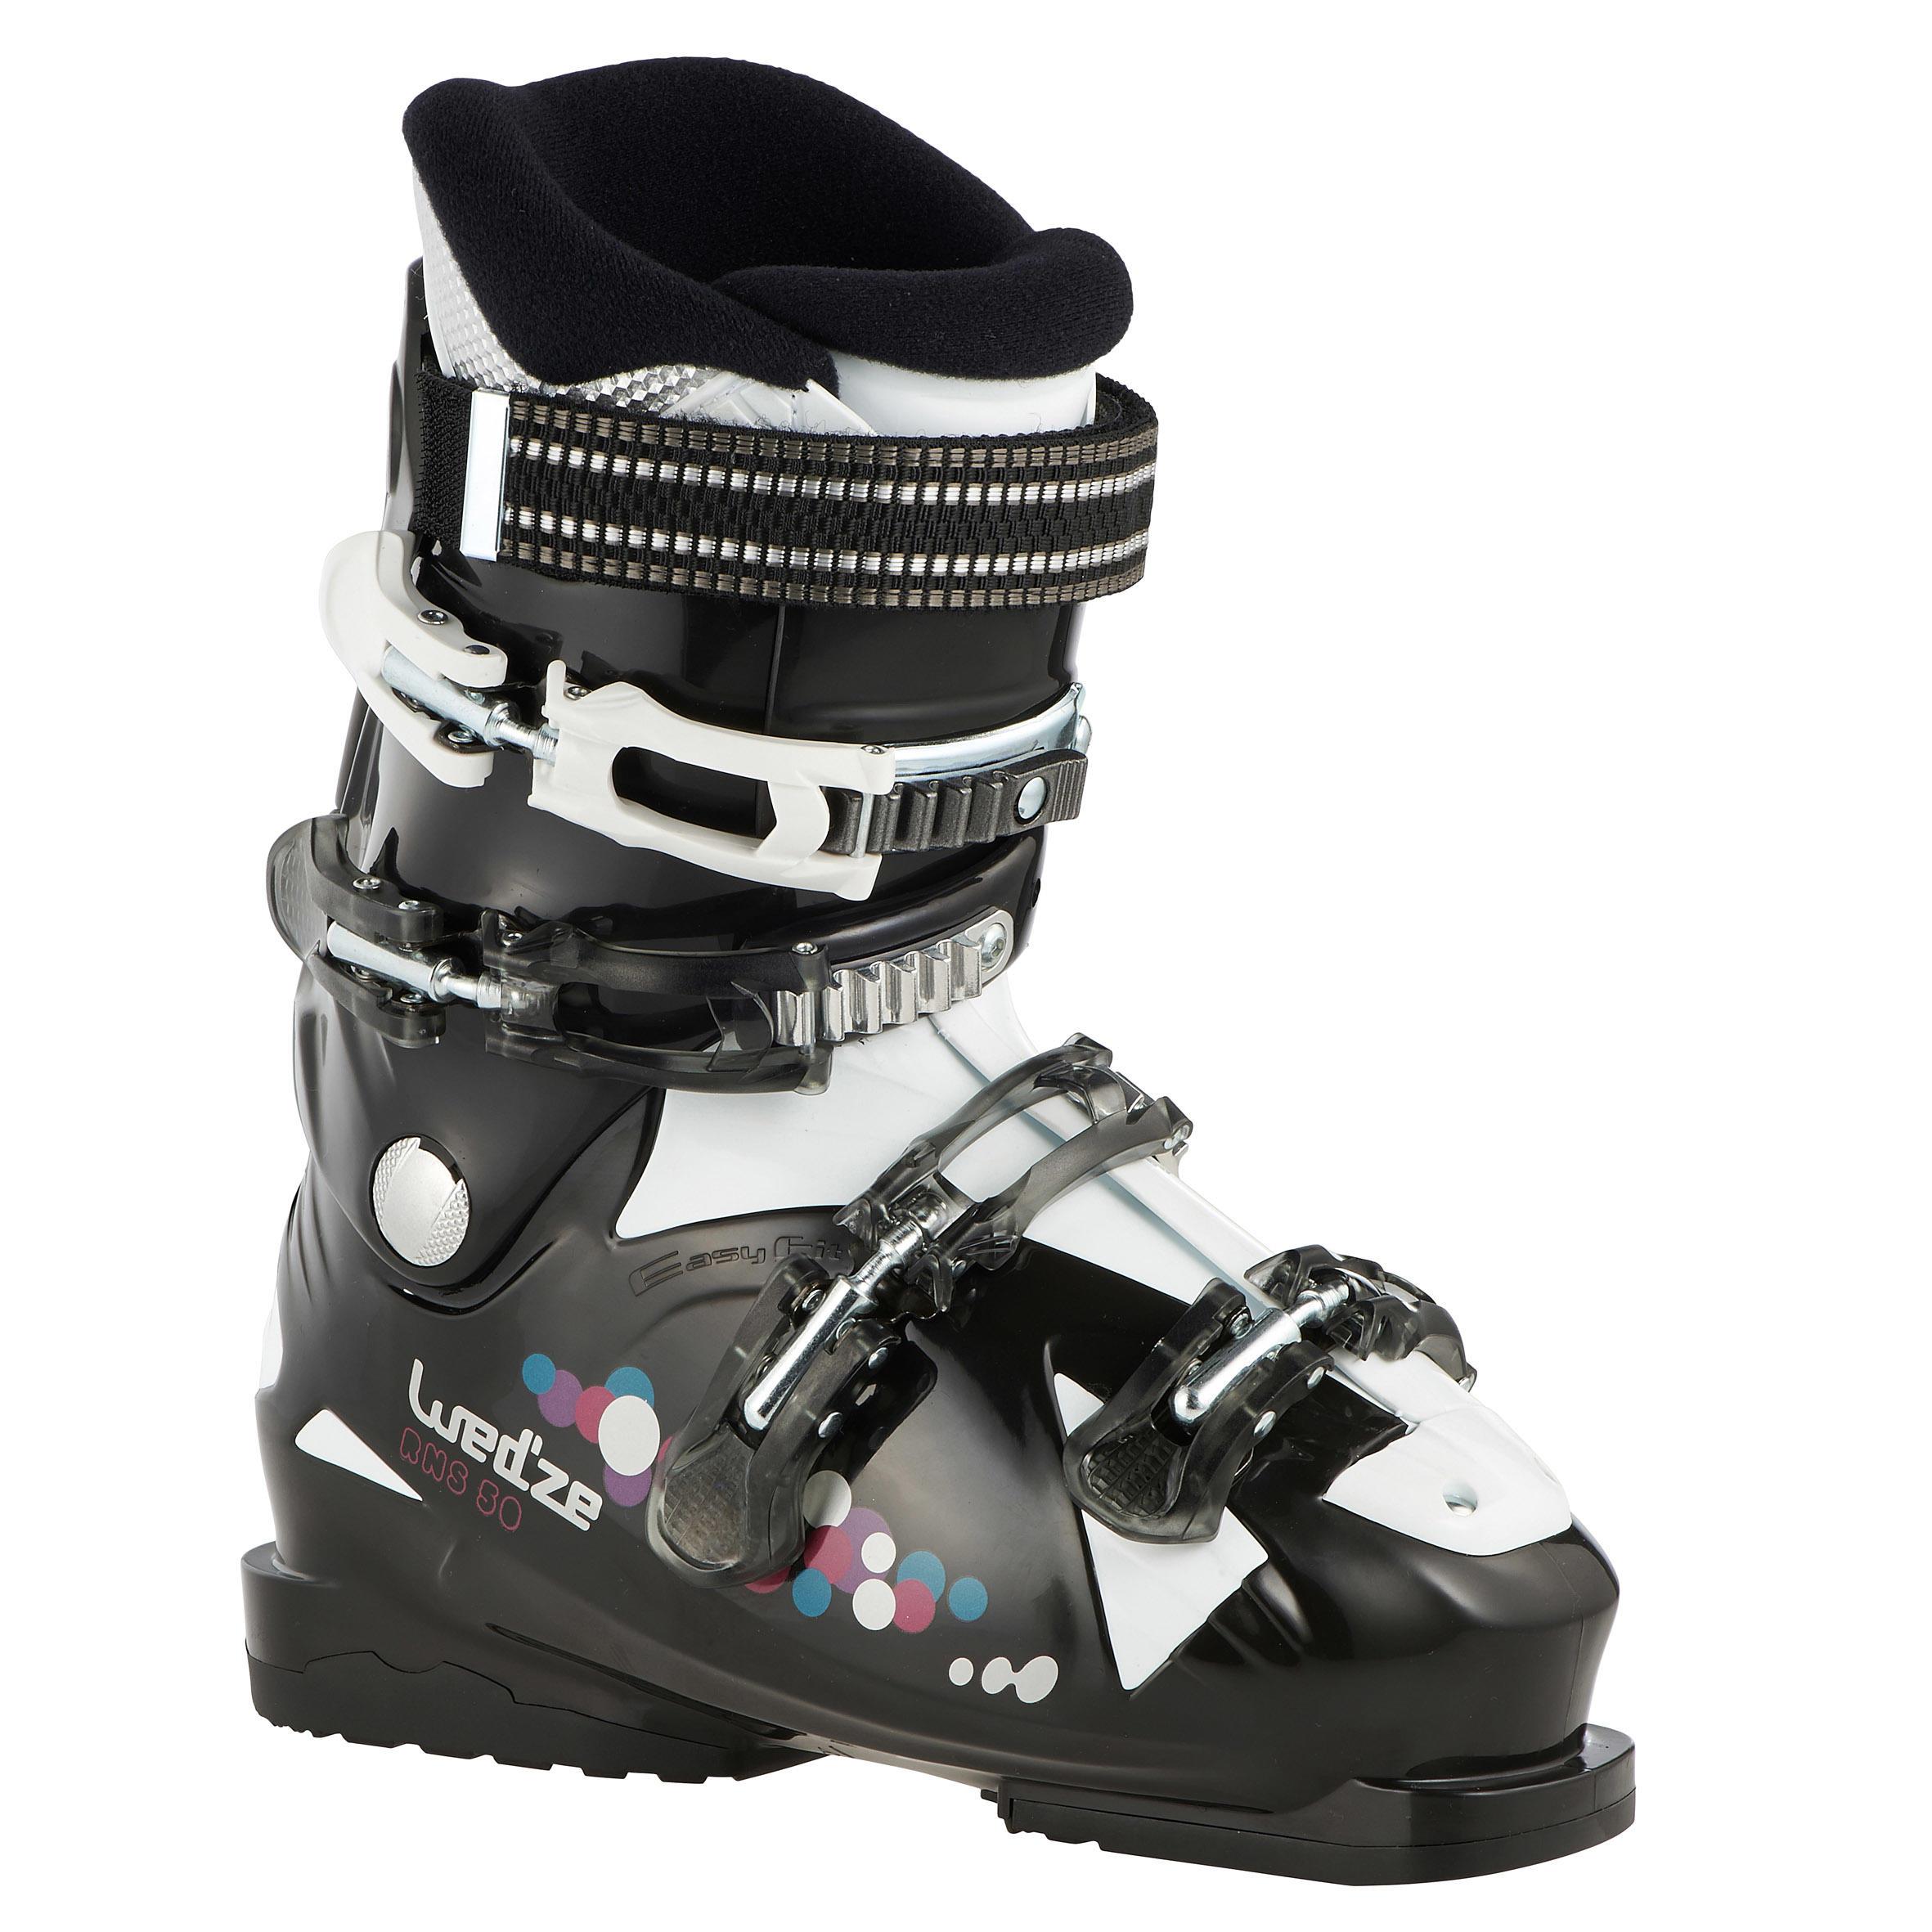 1737529 Wed ze Skischoenen voor dames RNS 50 Rental